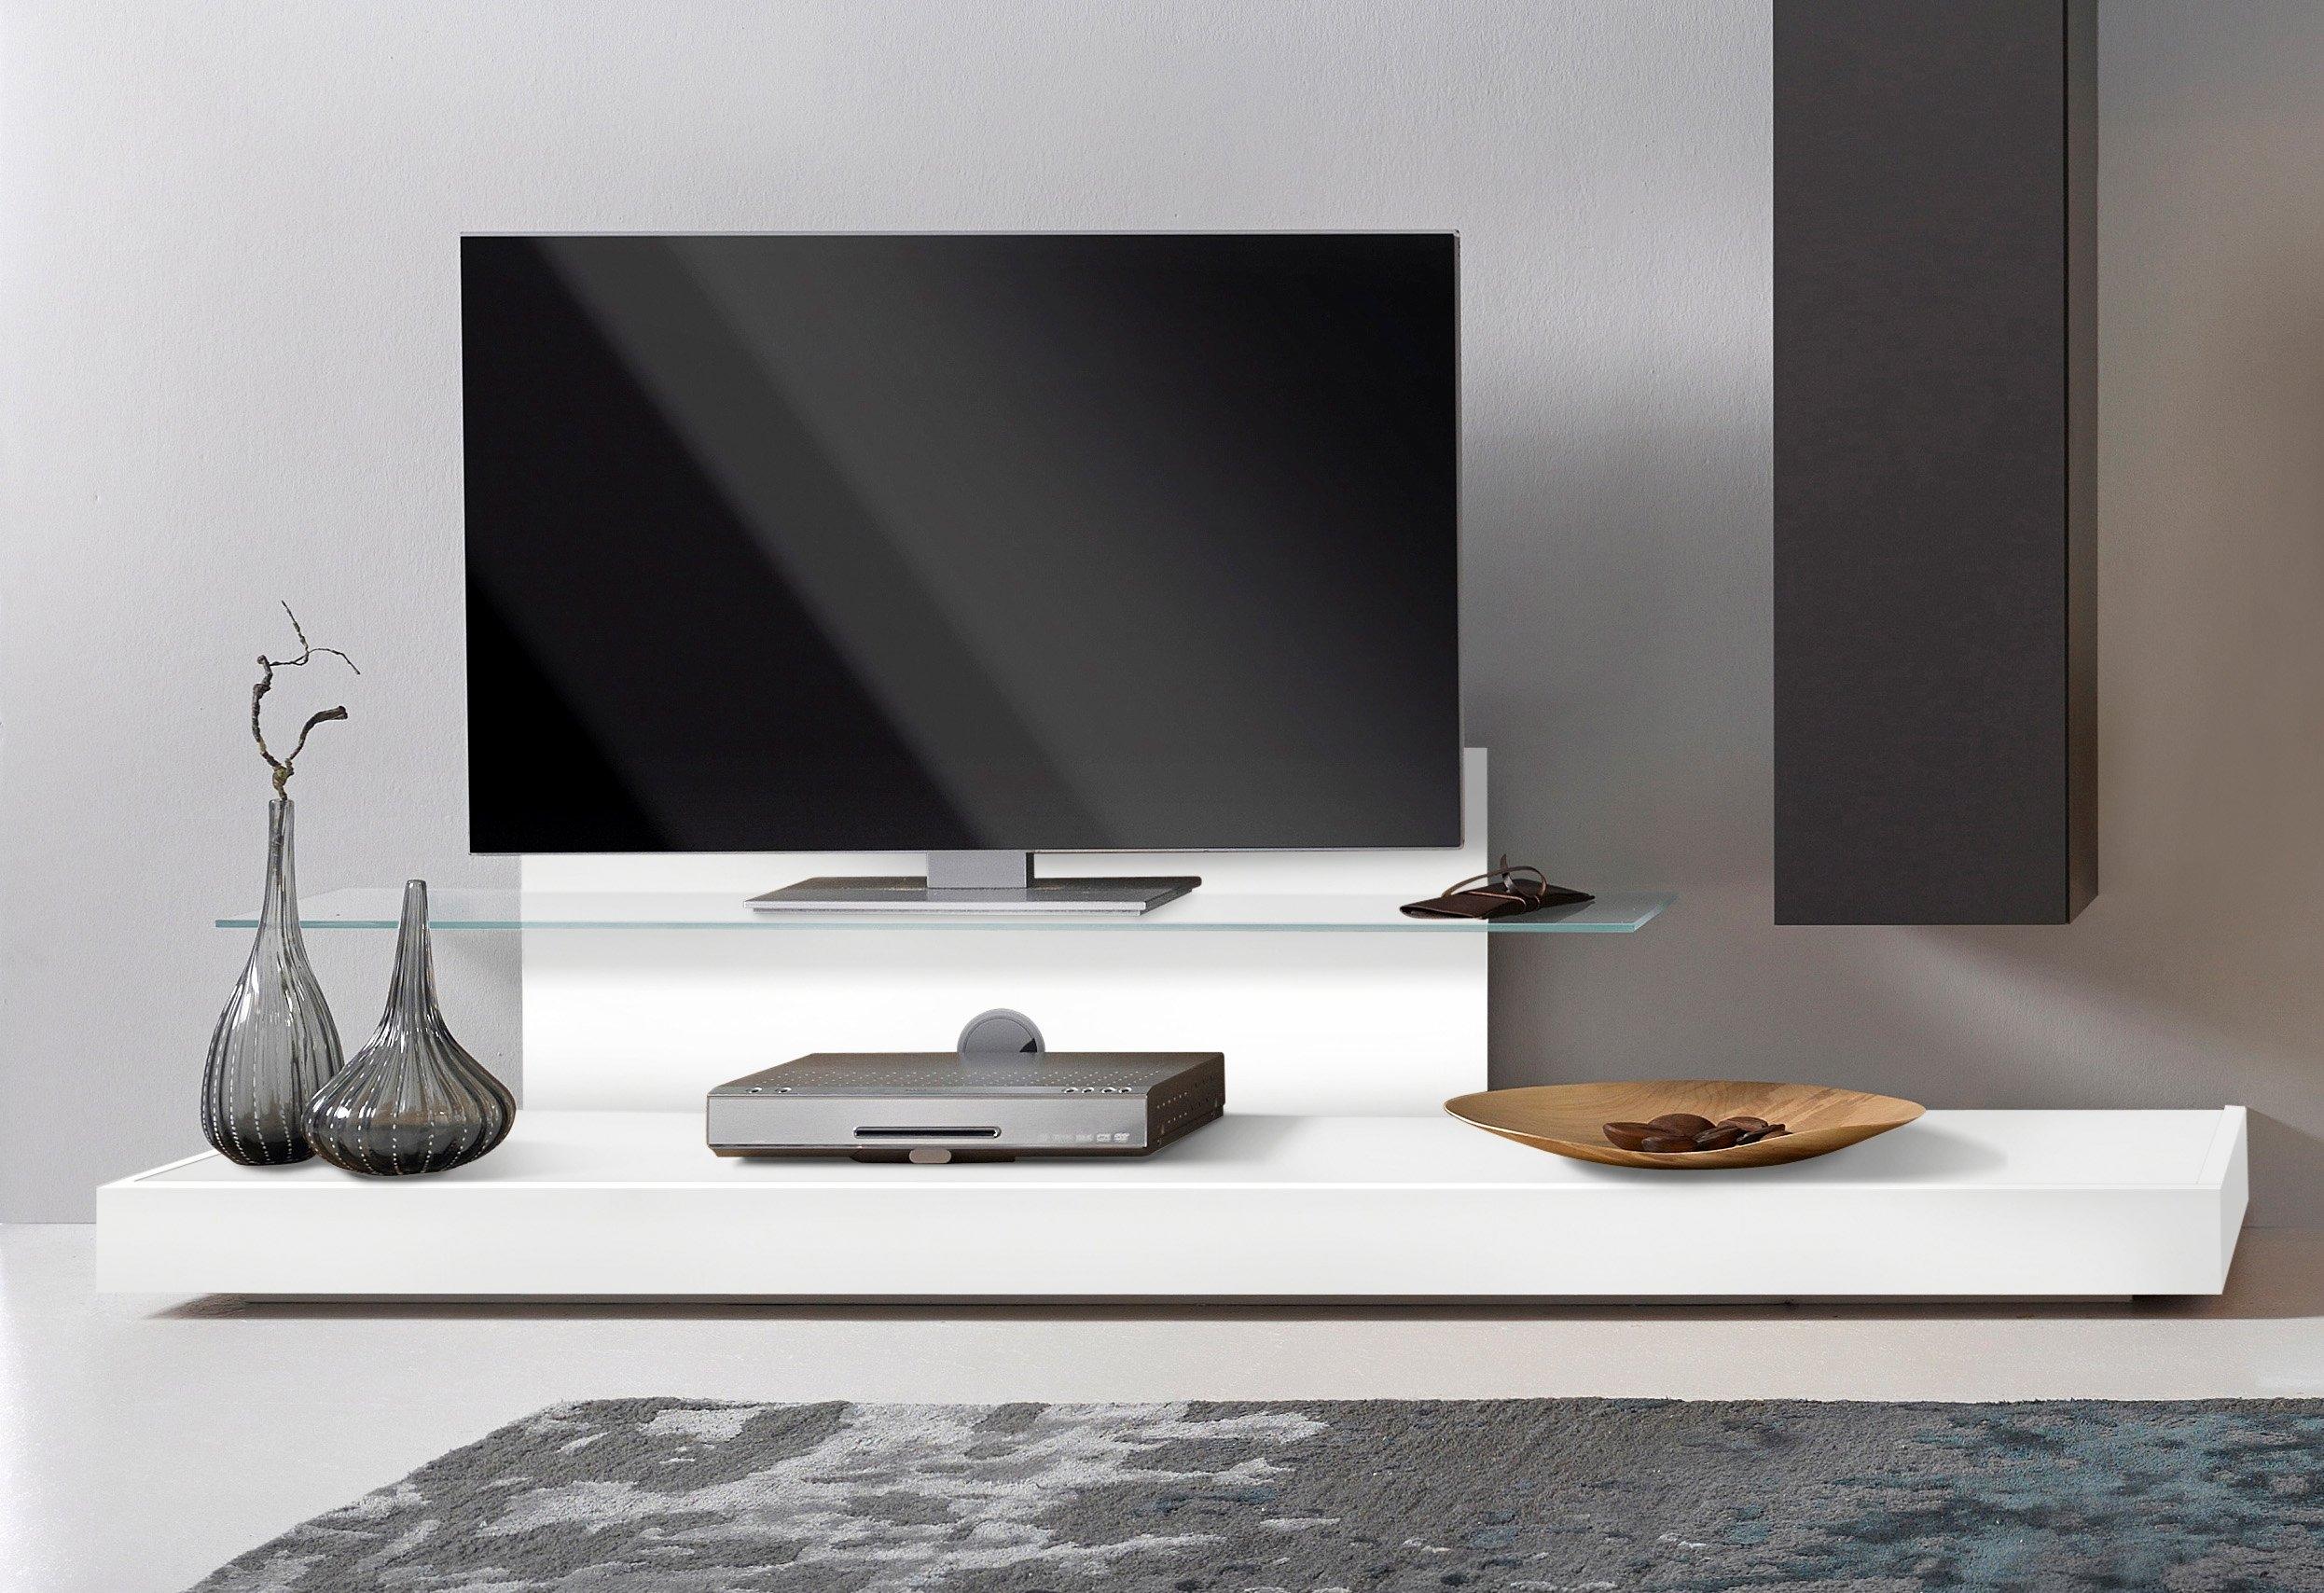 Lc tv meubel met glasplateau makkelijk gevonden otto for Tv meubel design